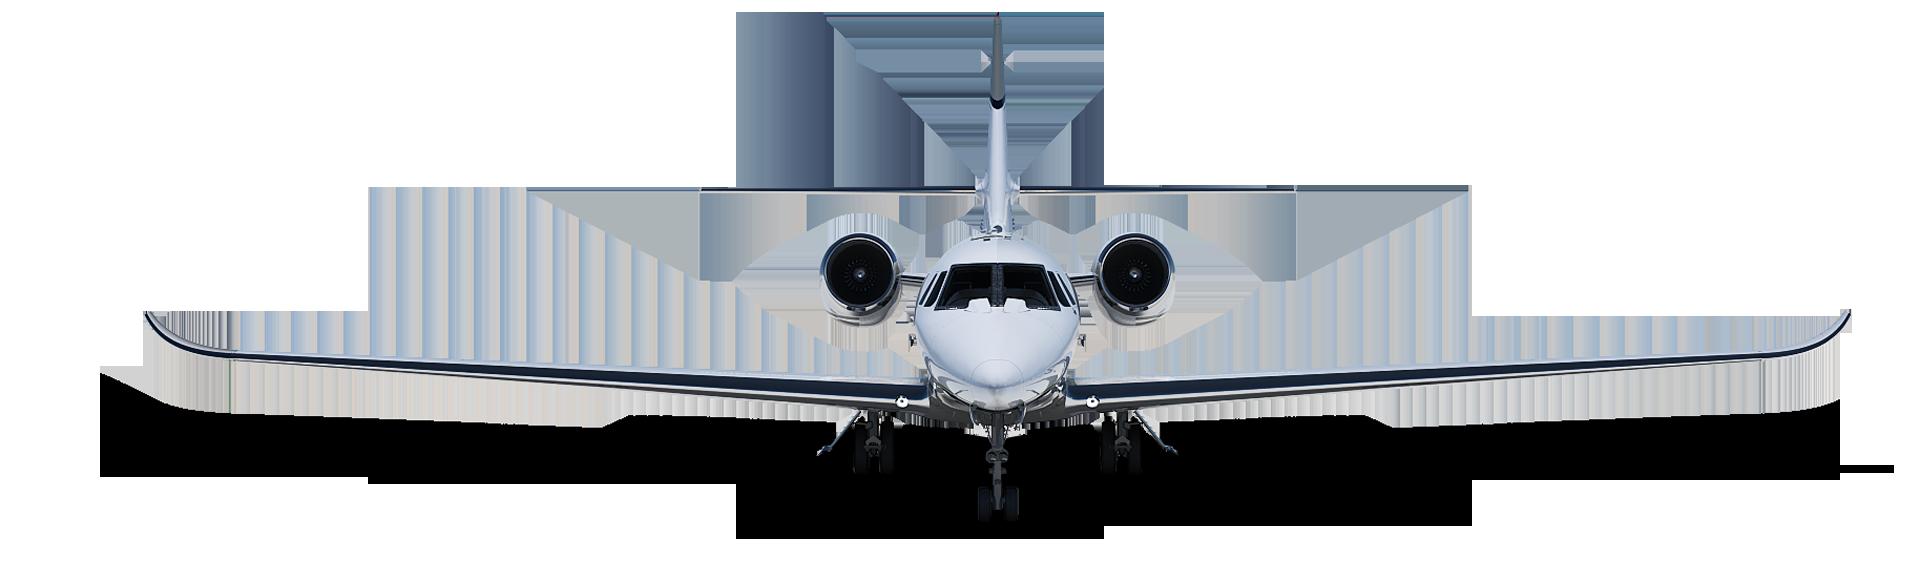 Avid Jet Charter